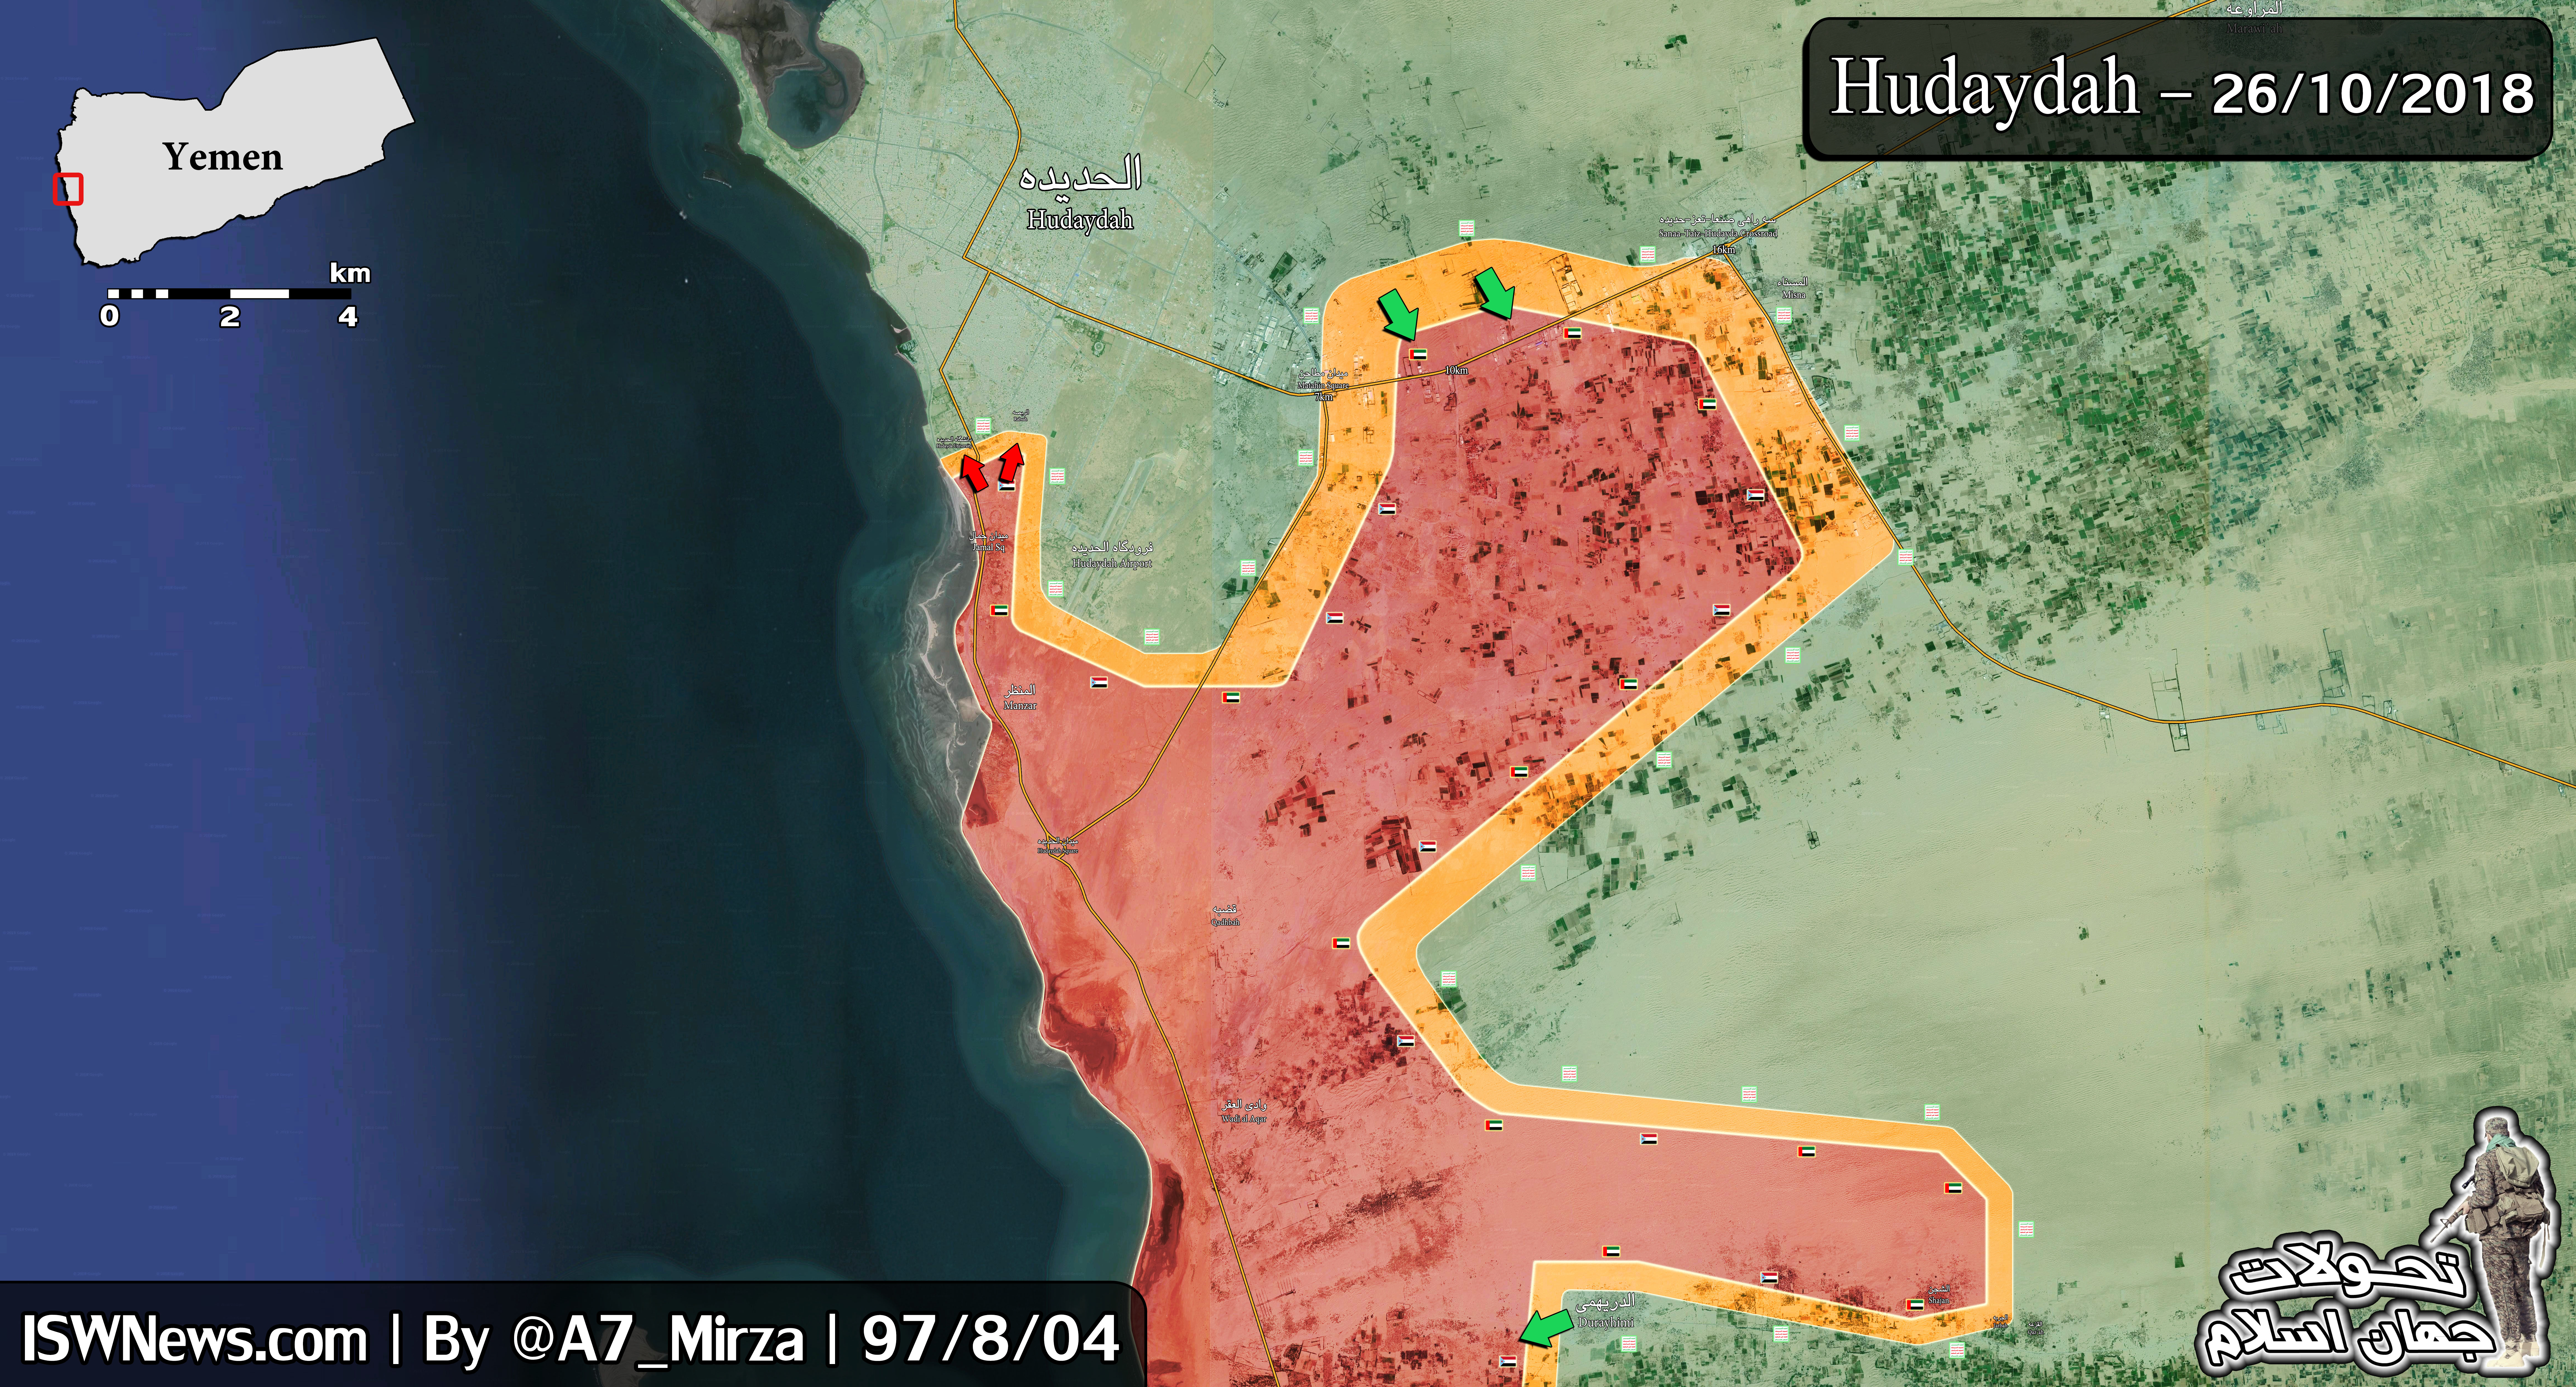 Vojenská situace v oblasti jemenského přístavu Hodajda